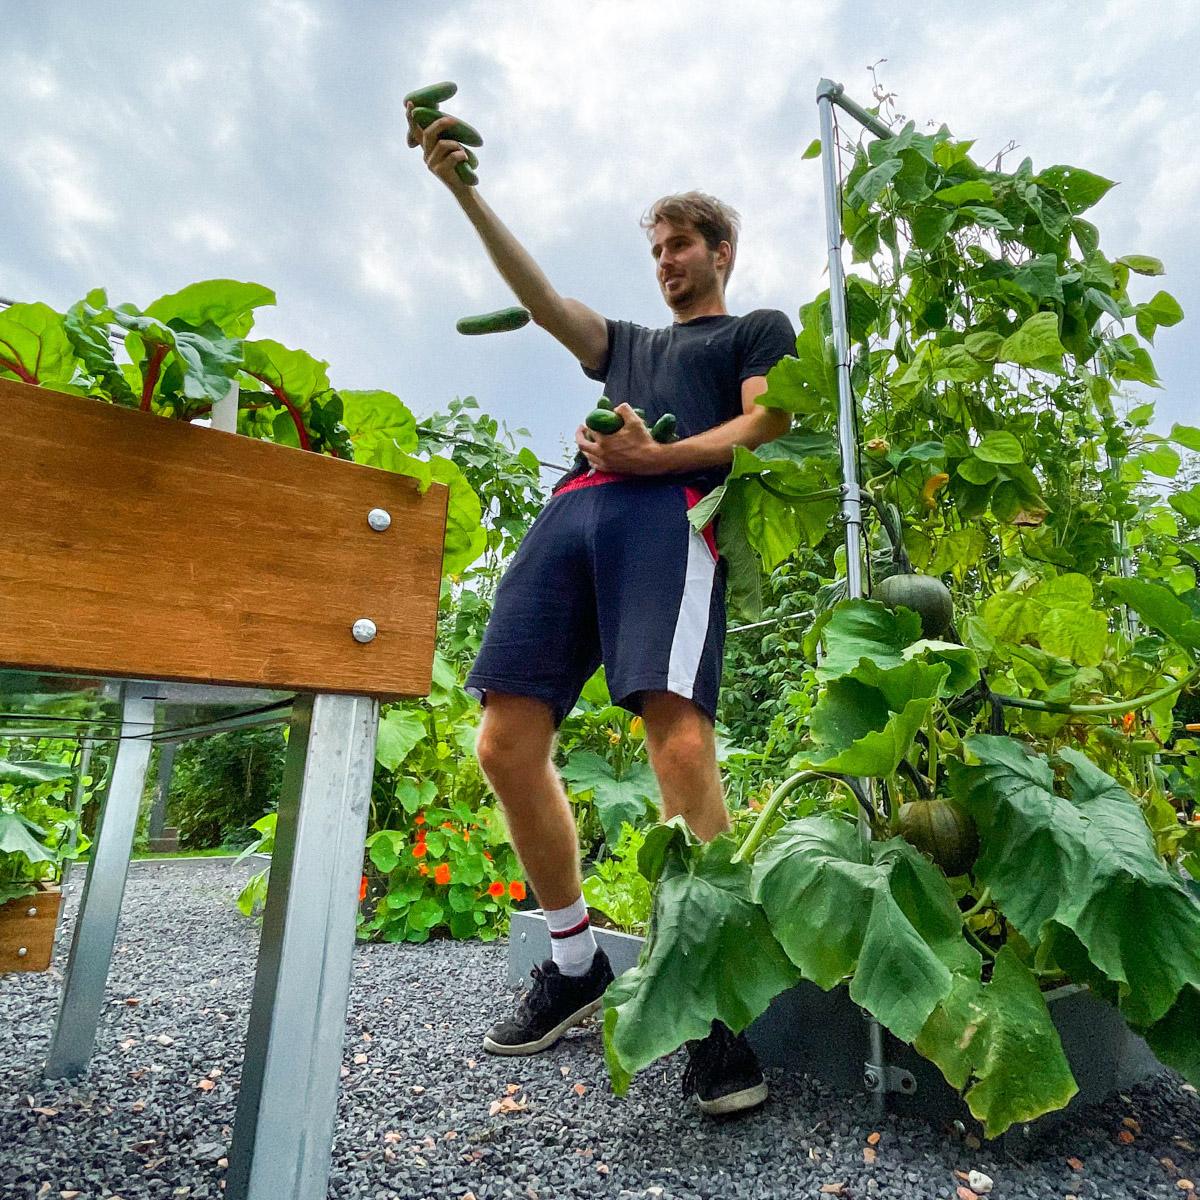 blog-early-august-in-the-vegetable-garden2.jpg